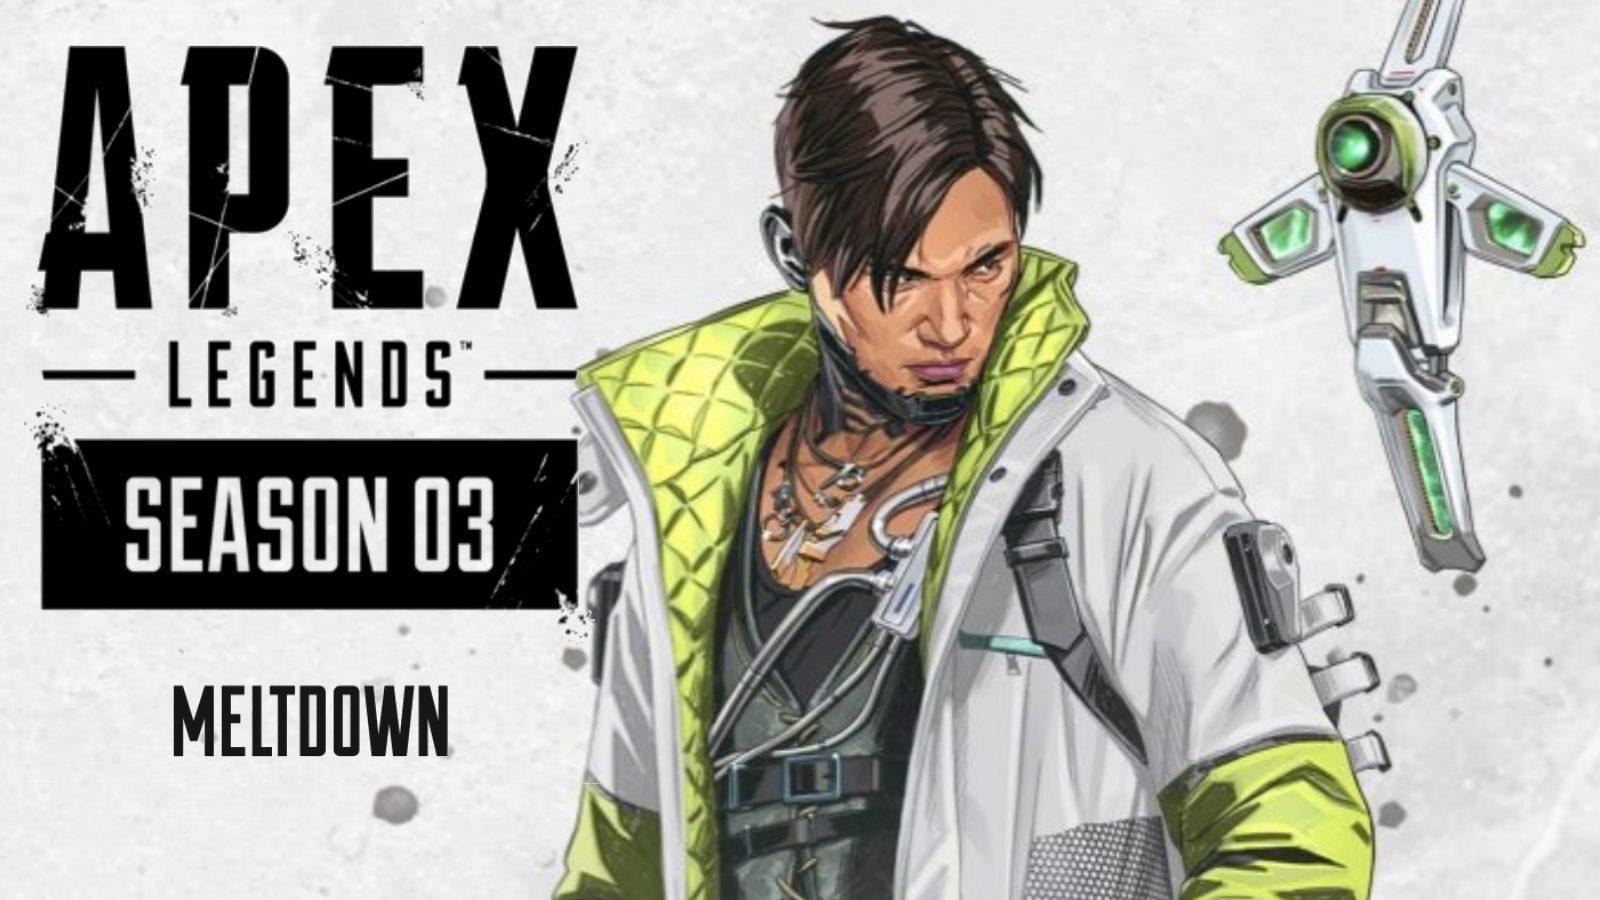 Představena 3. Sezóna Apex Legends